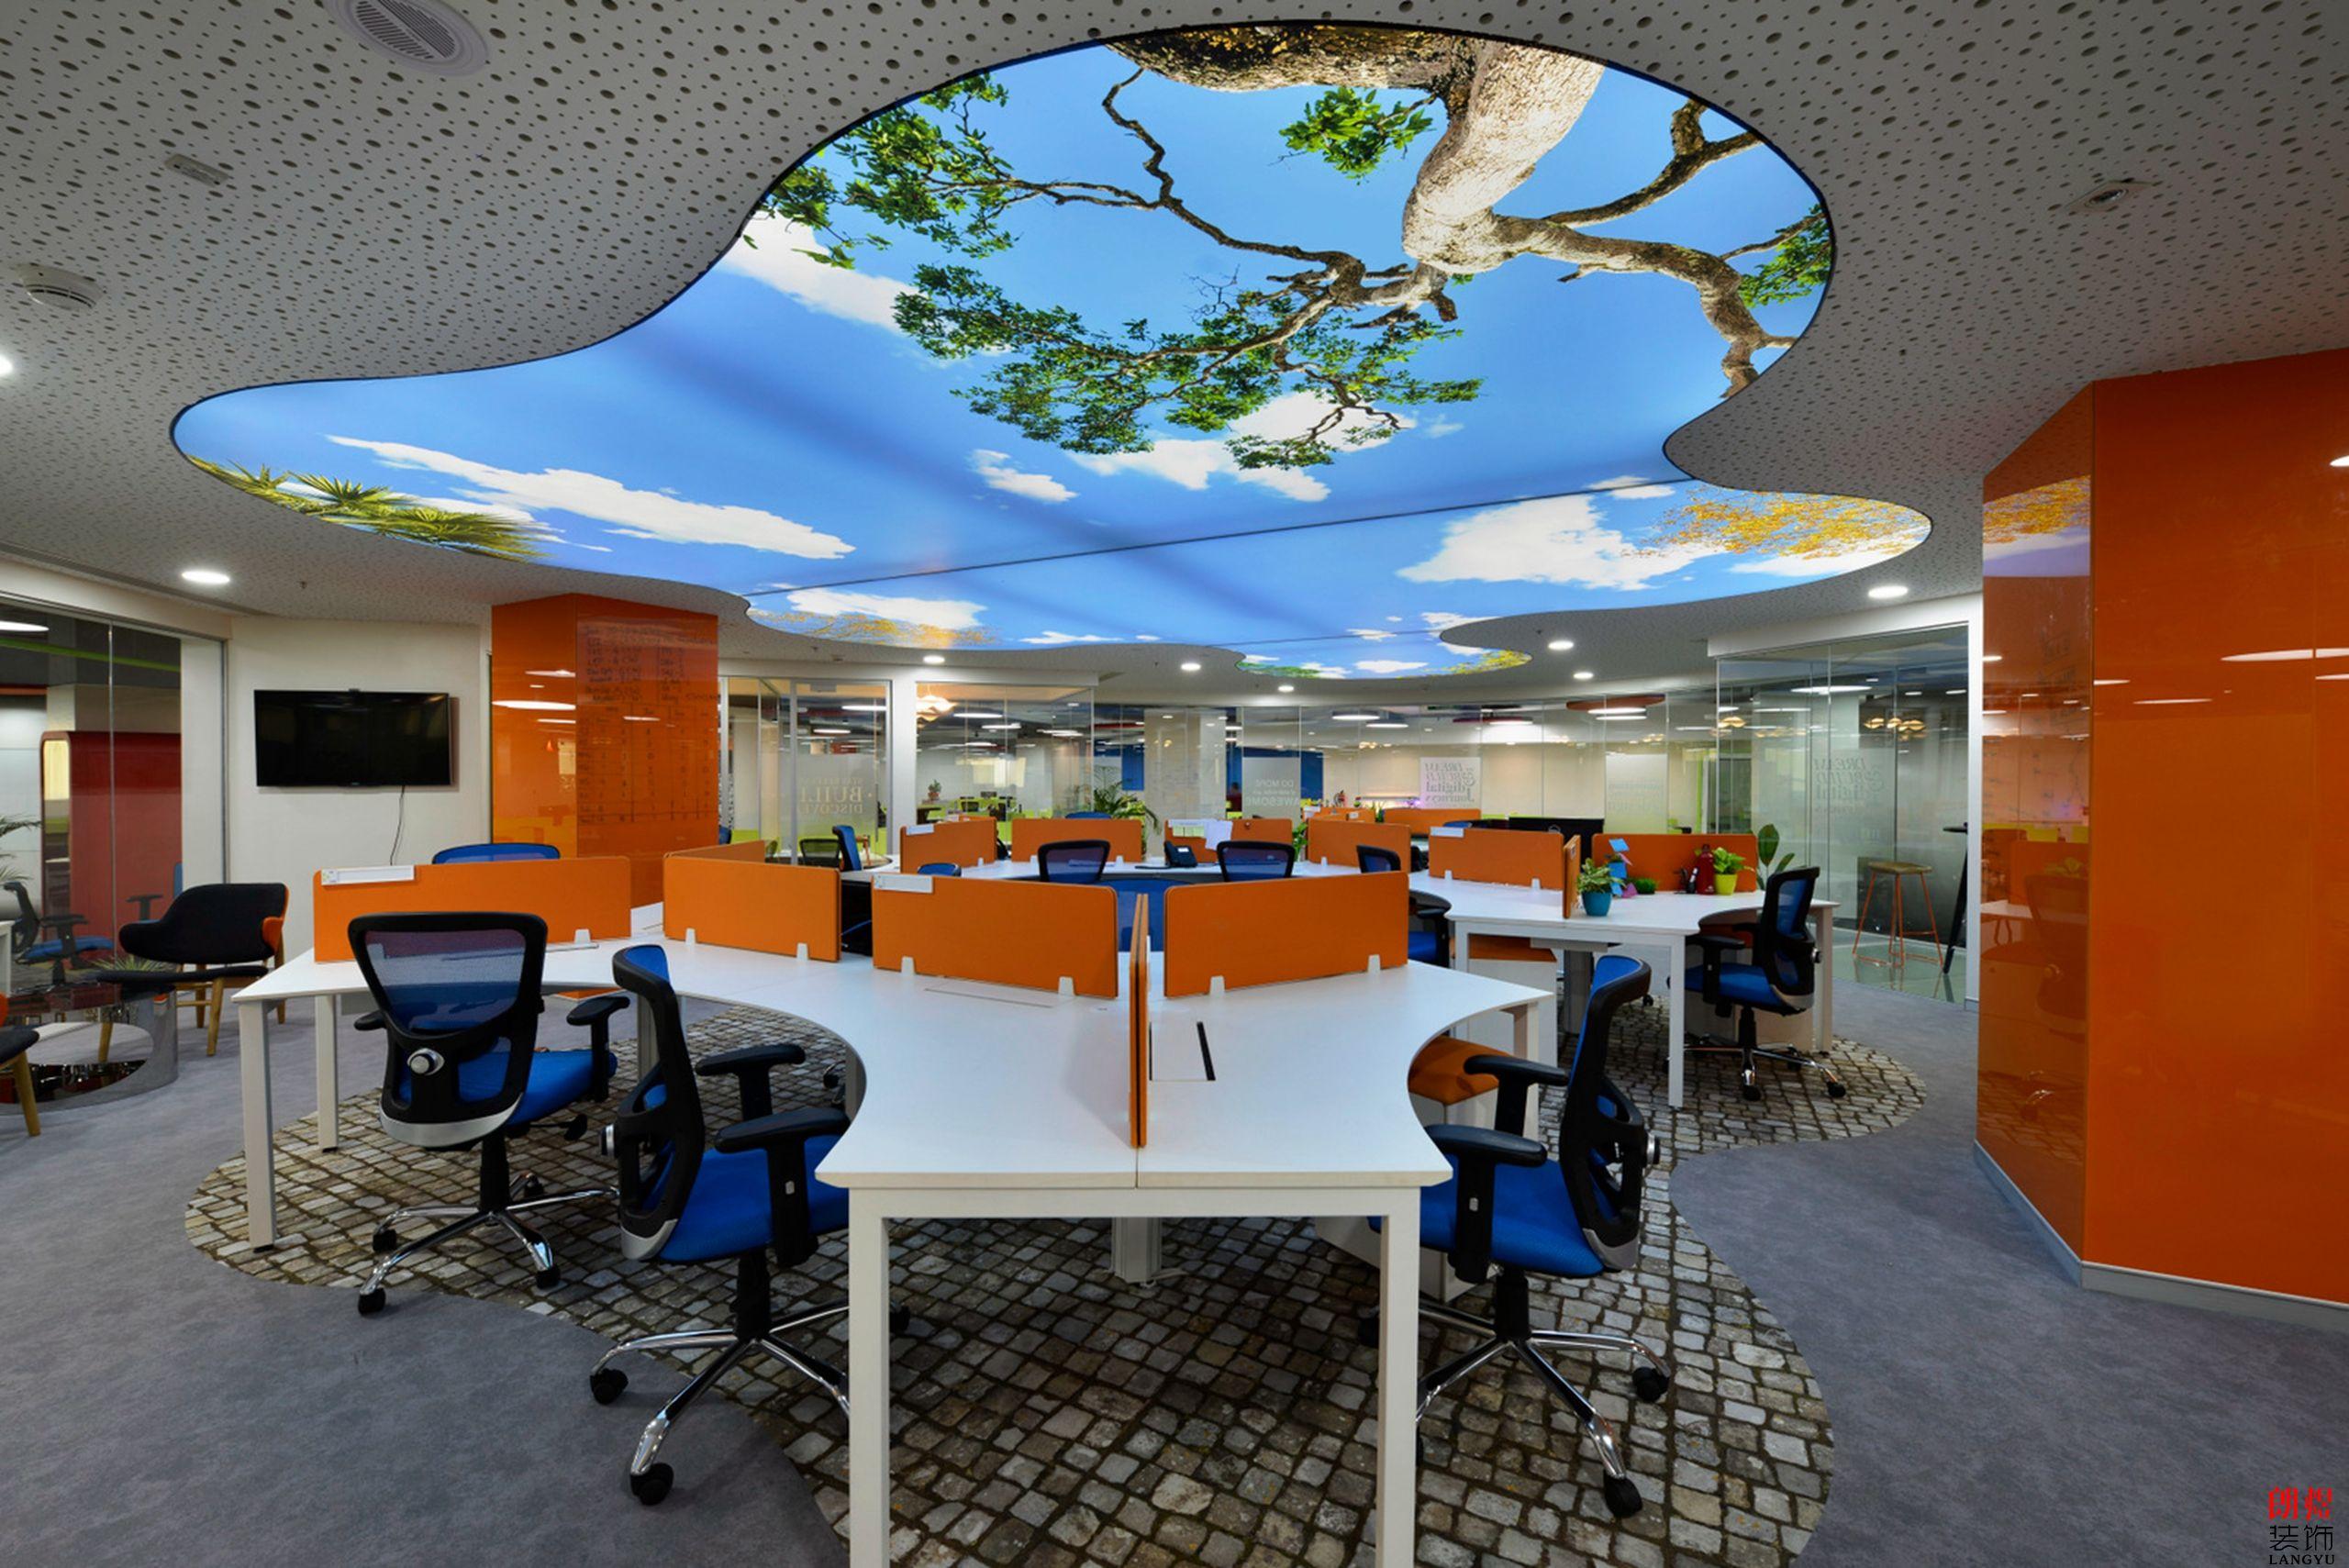 旧办公室装修,旧办公室设计,旧办公室效果图